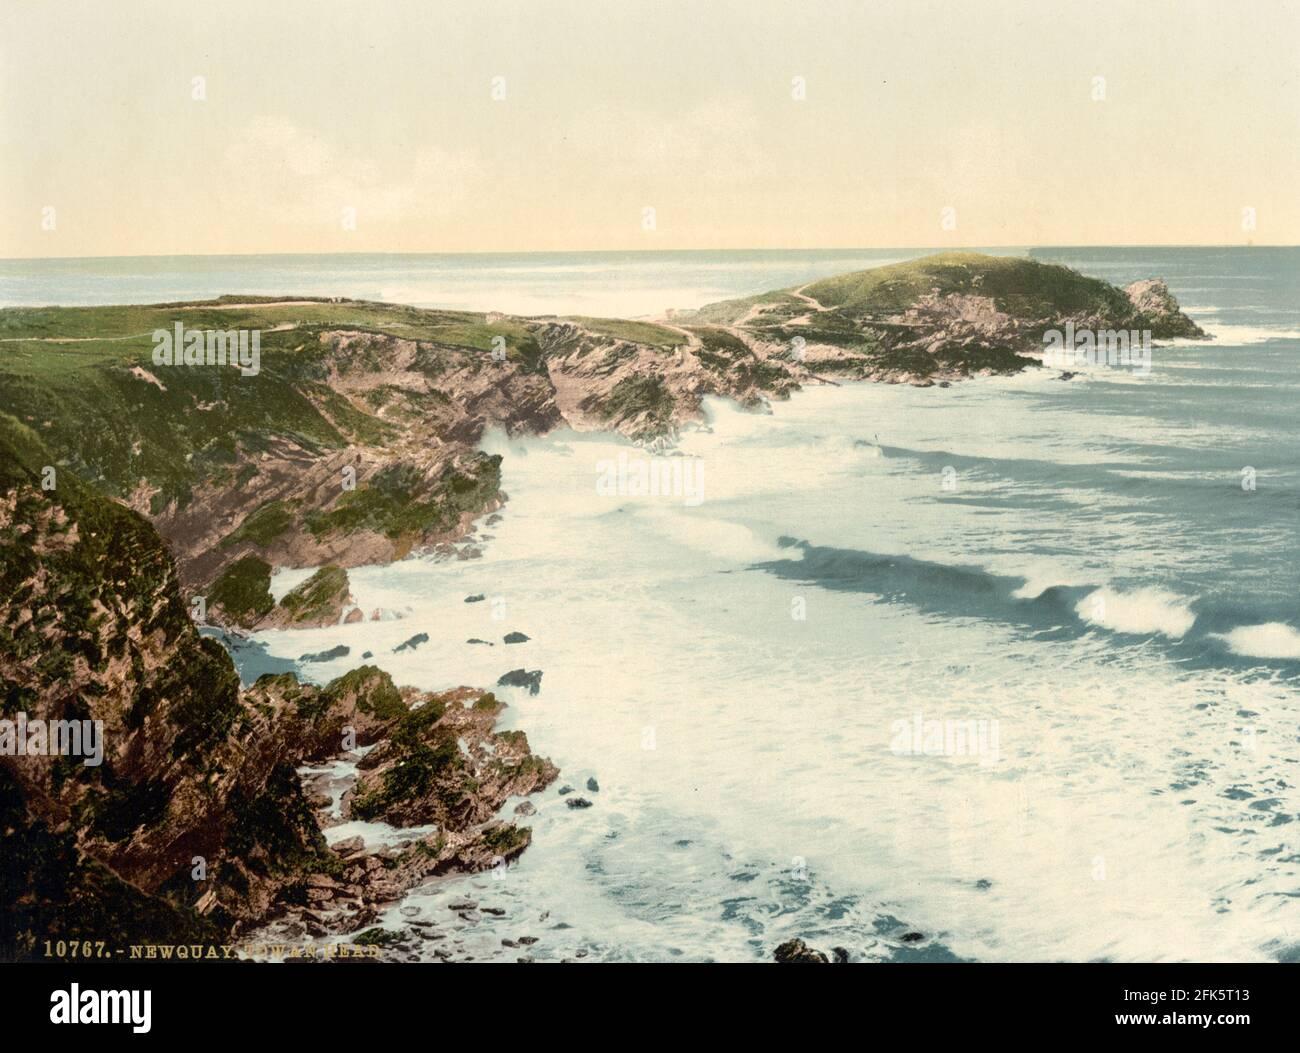 Towan Head près de Newquay, Cornwall vers 1890-1900 Banque D'Images